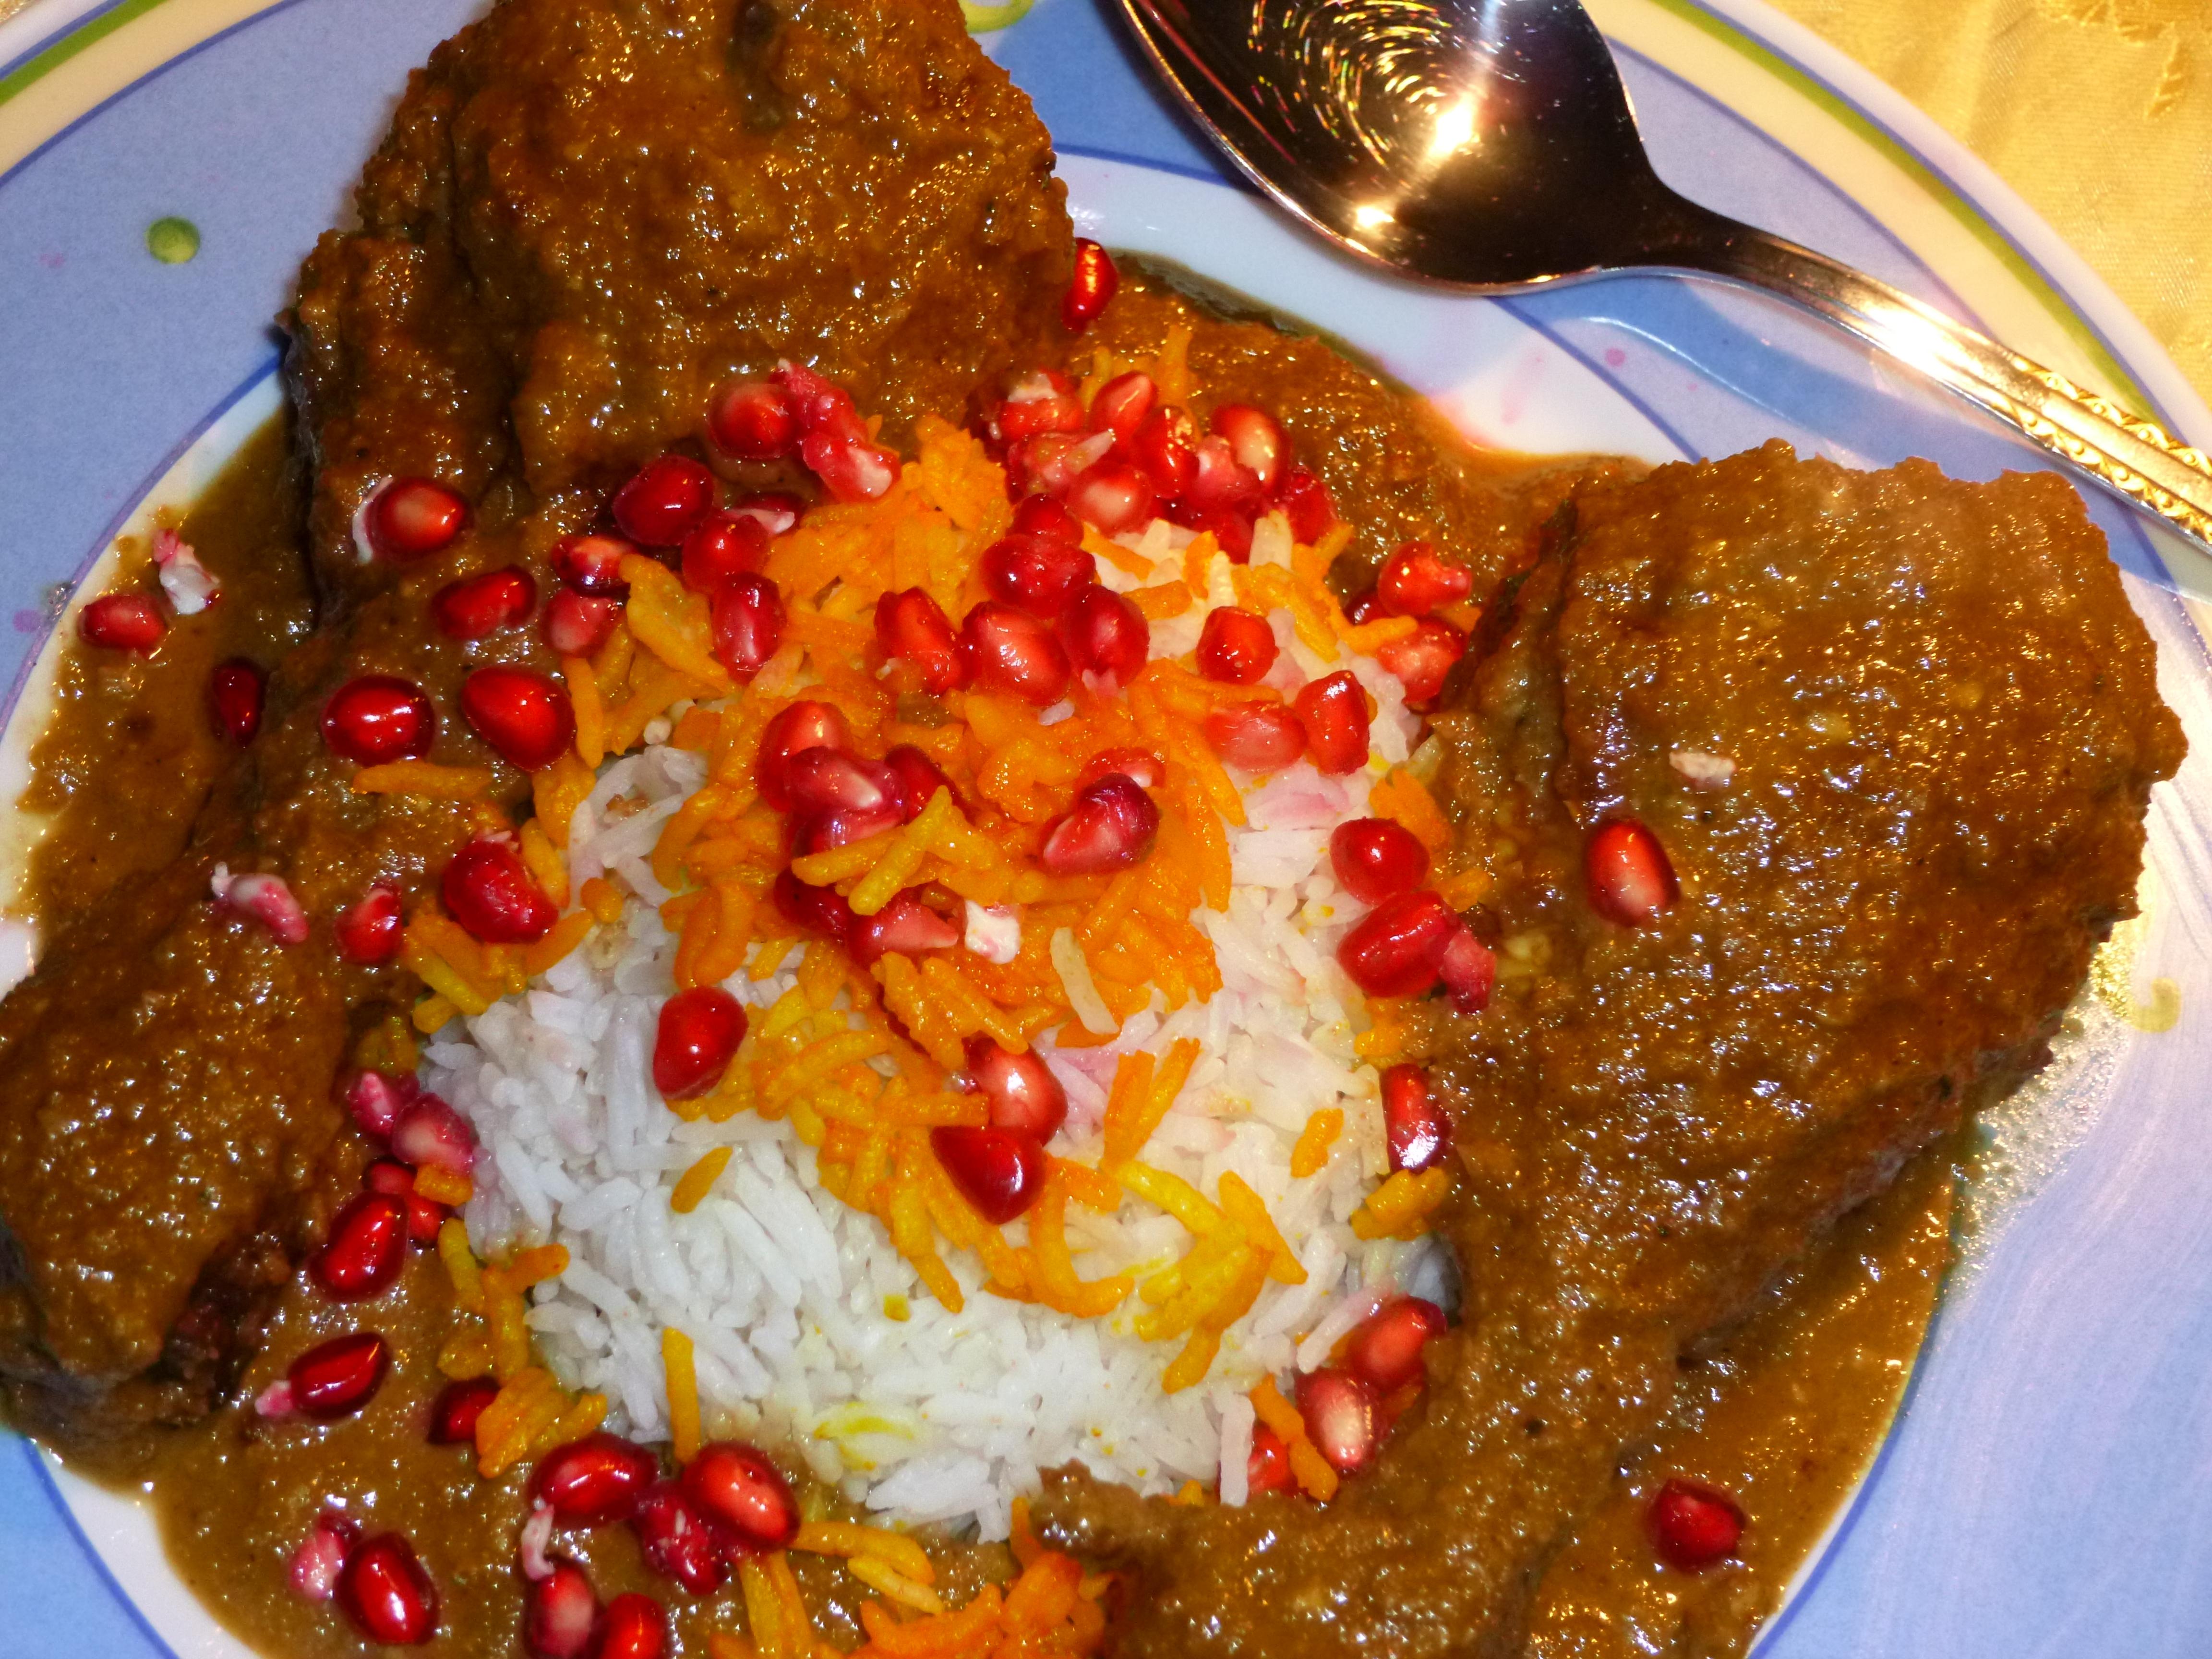 Iranische Küche | Marinierte Huhnchenschenkel In Walnuss Granatapfel Sauce An